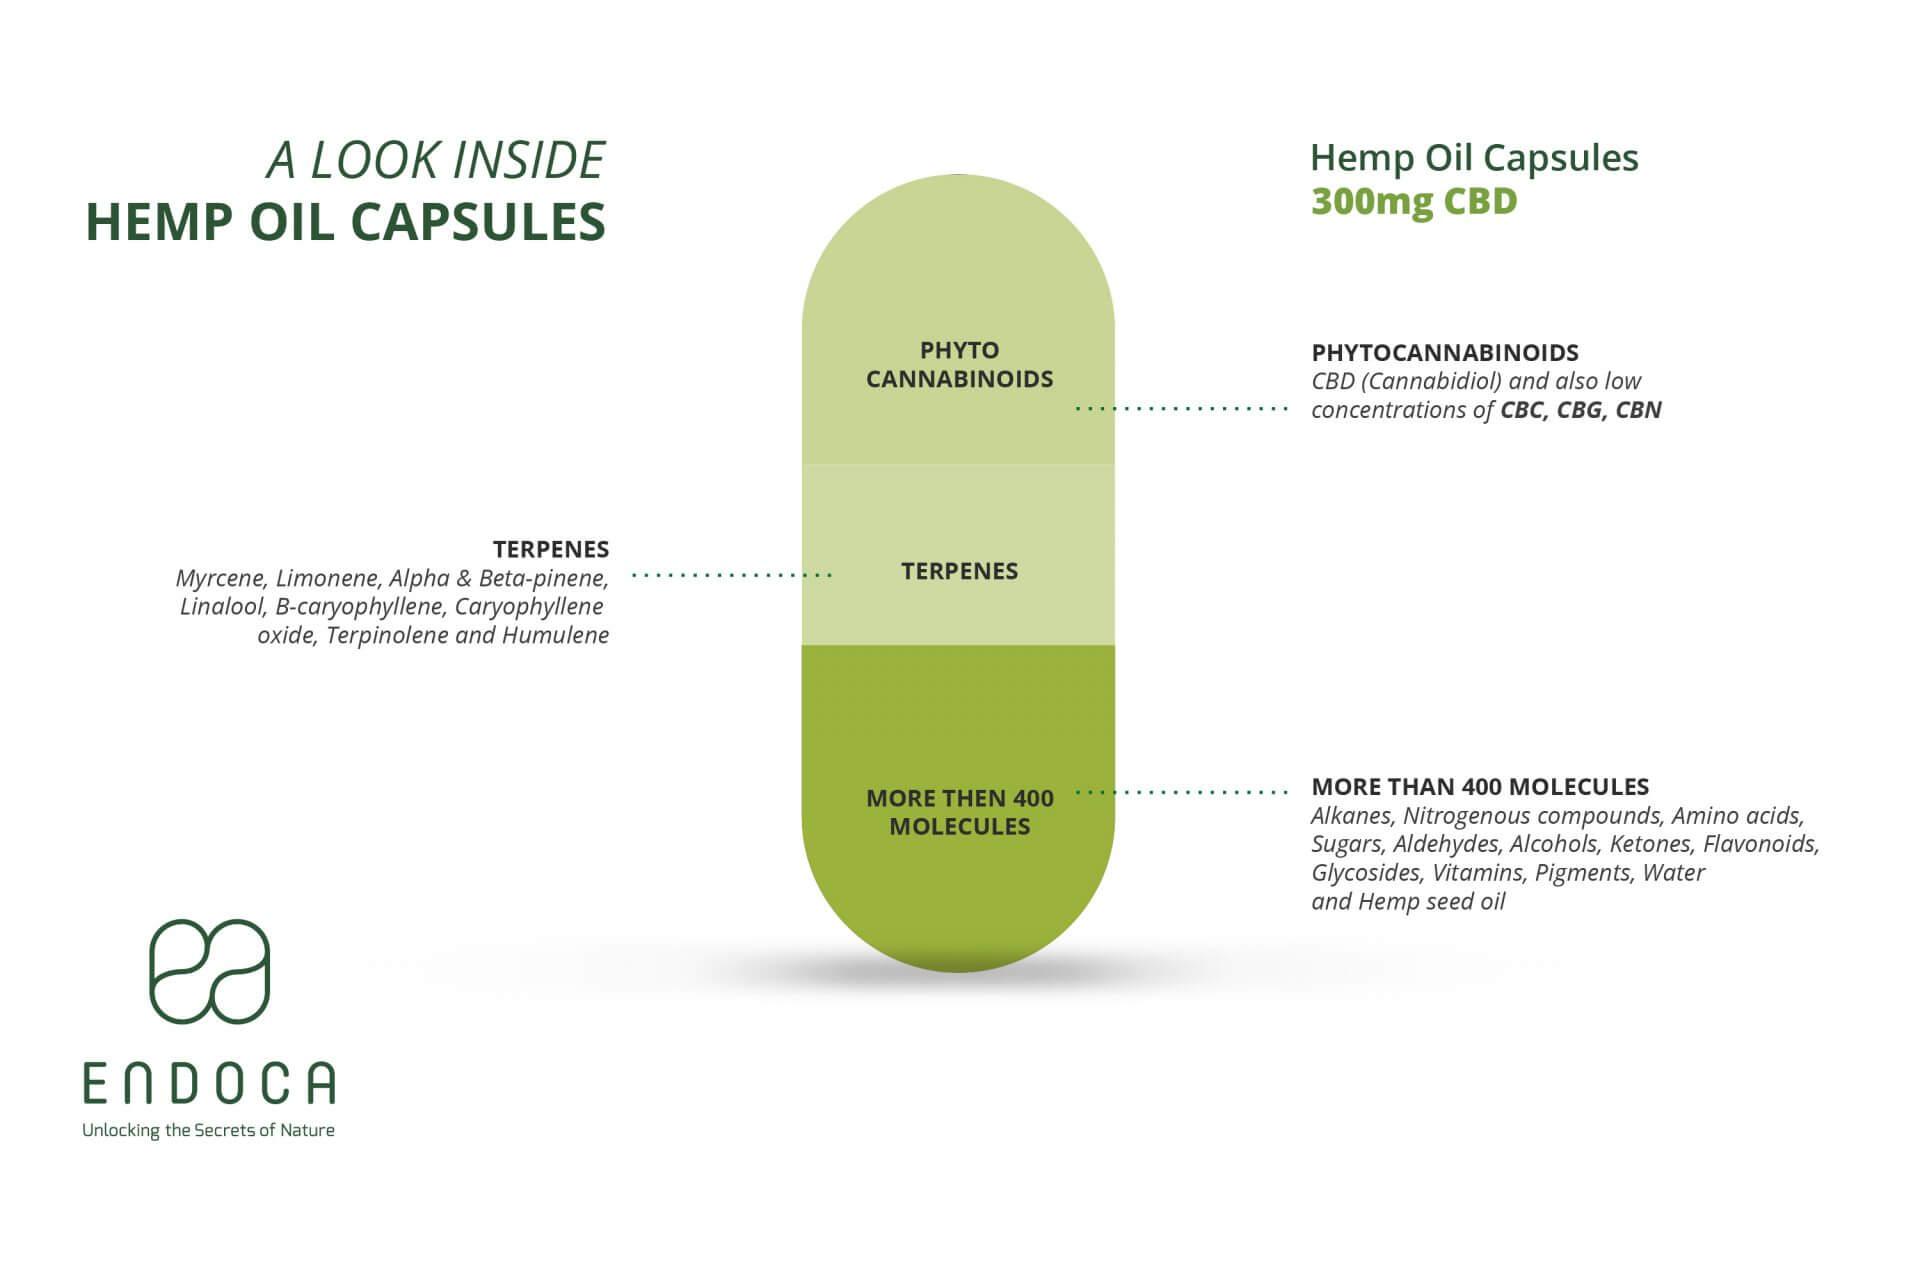 capsules infographic